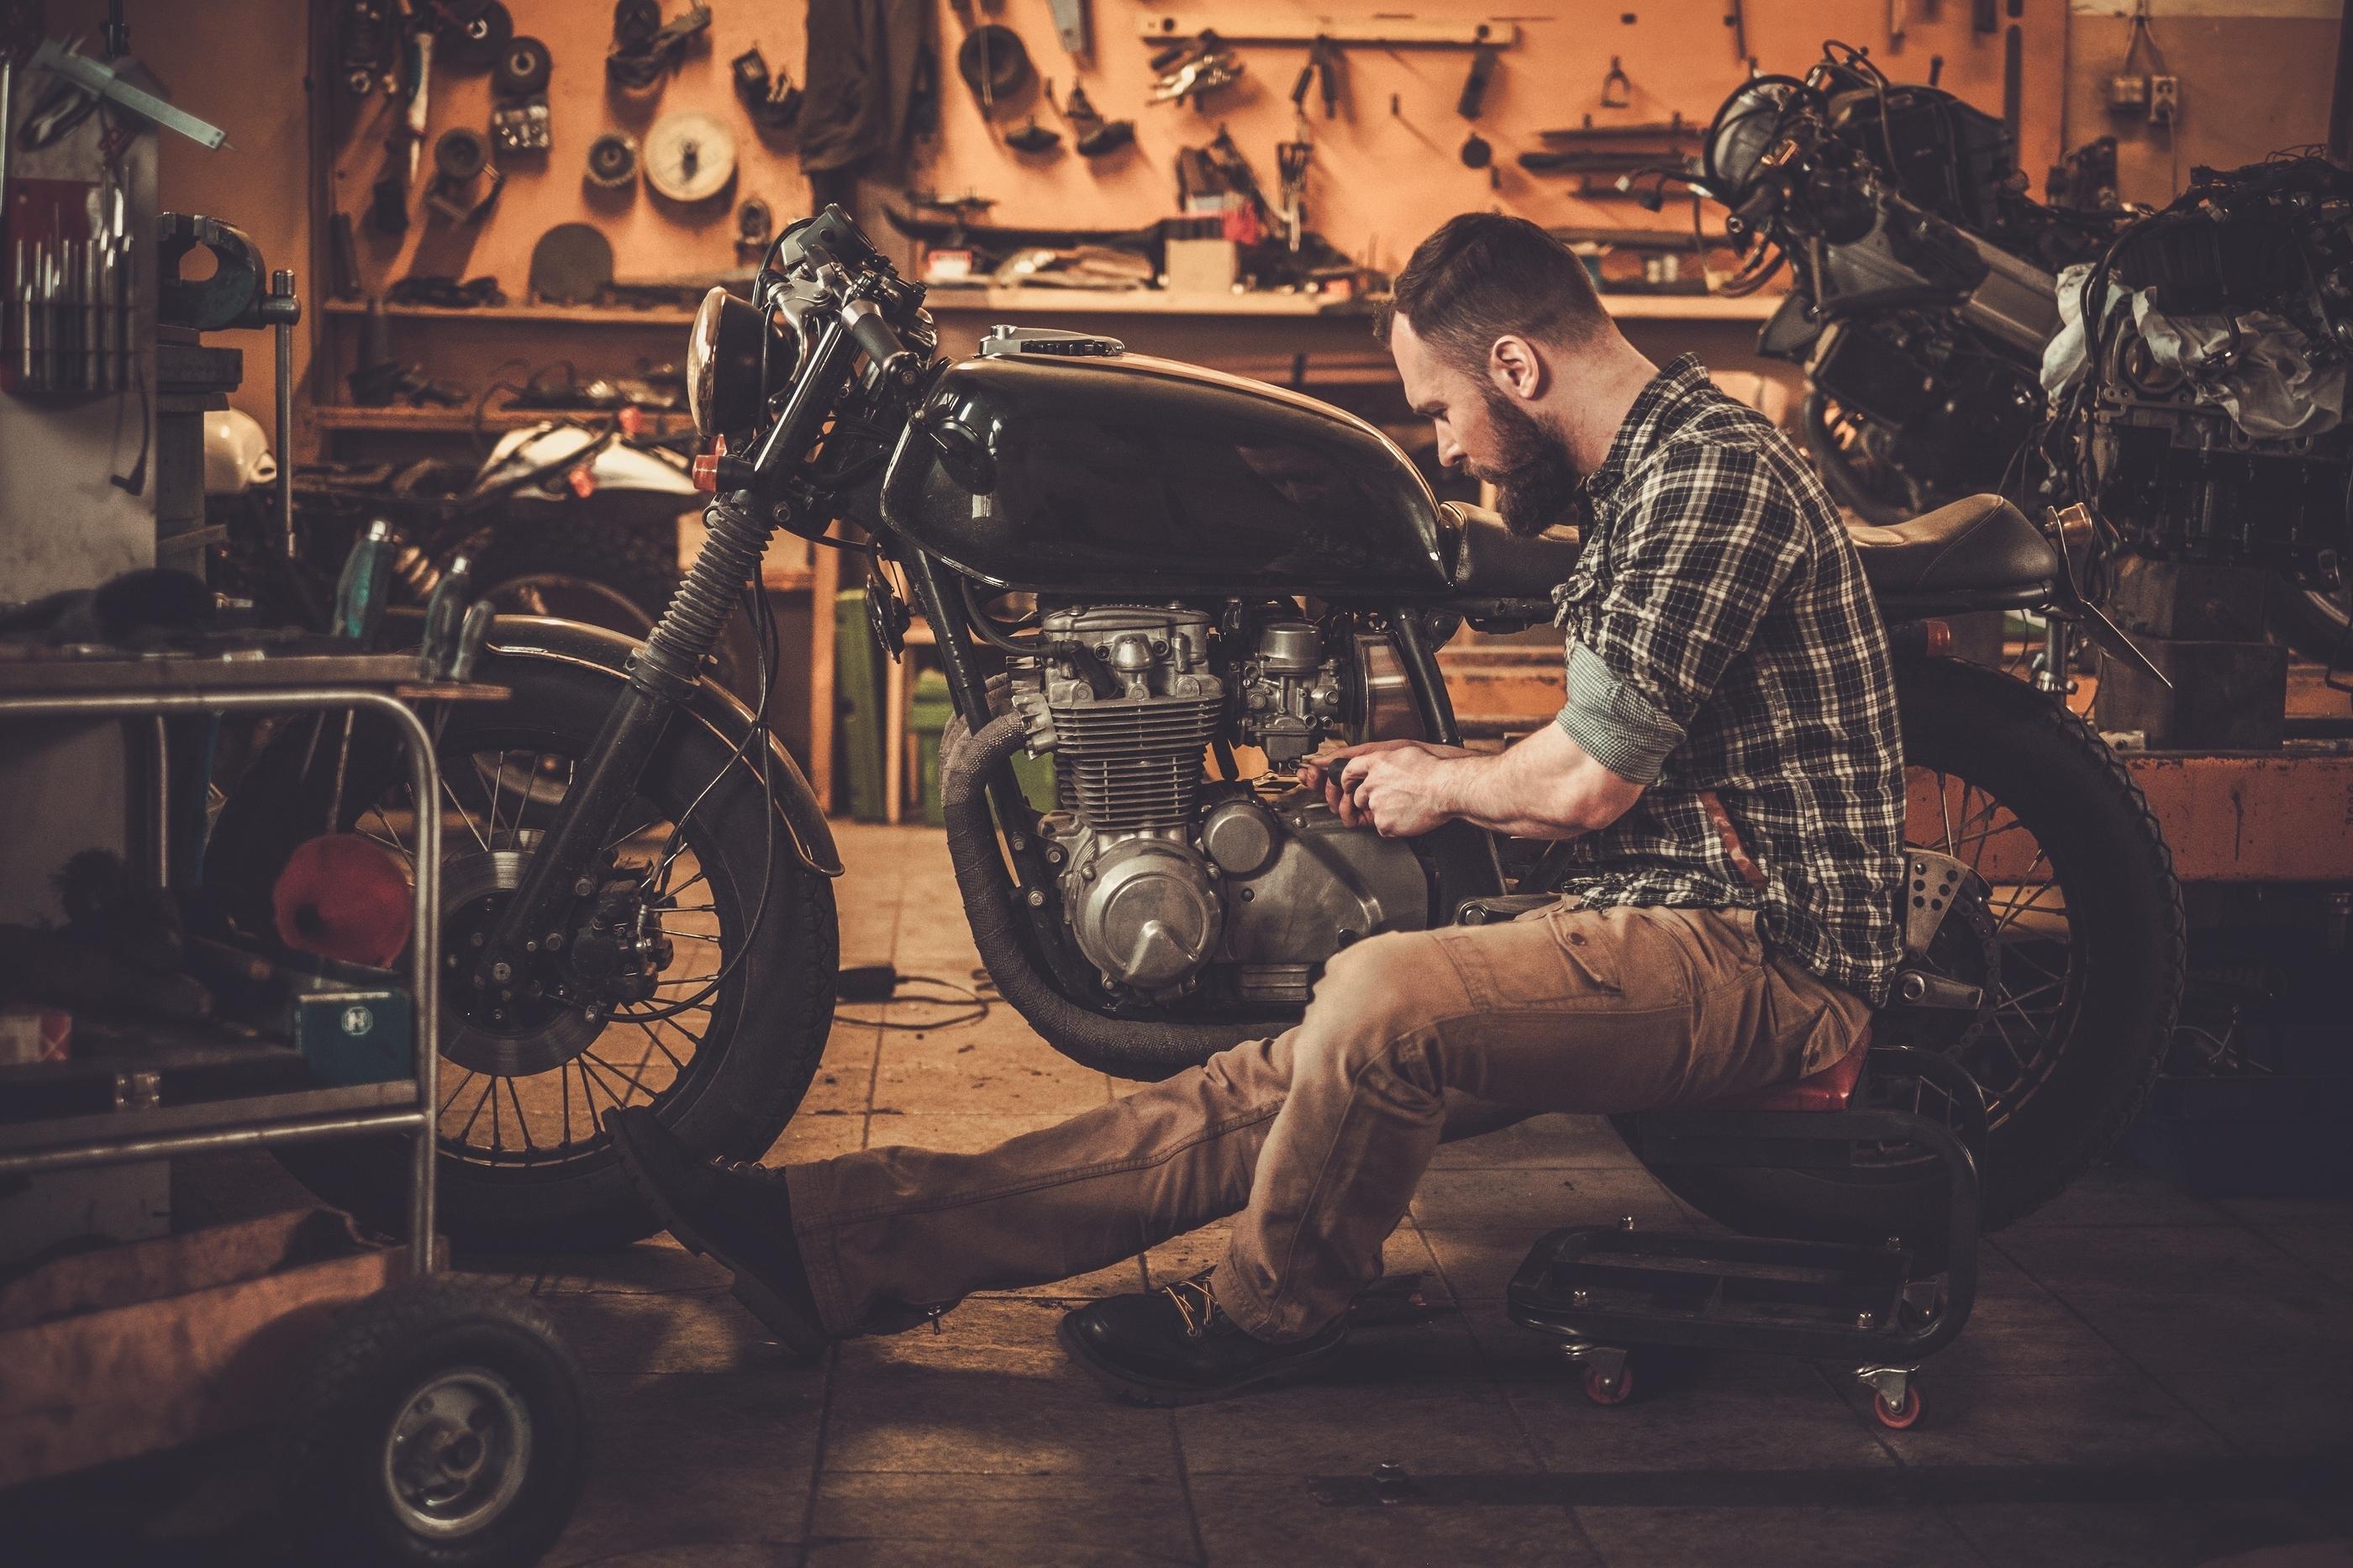 Czyszczenie i regulacja gaźnika w motocyklu